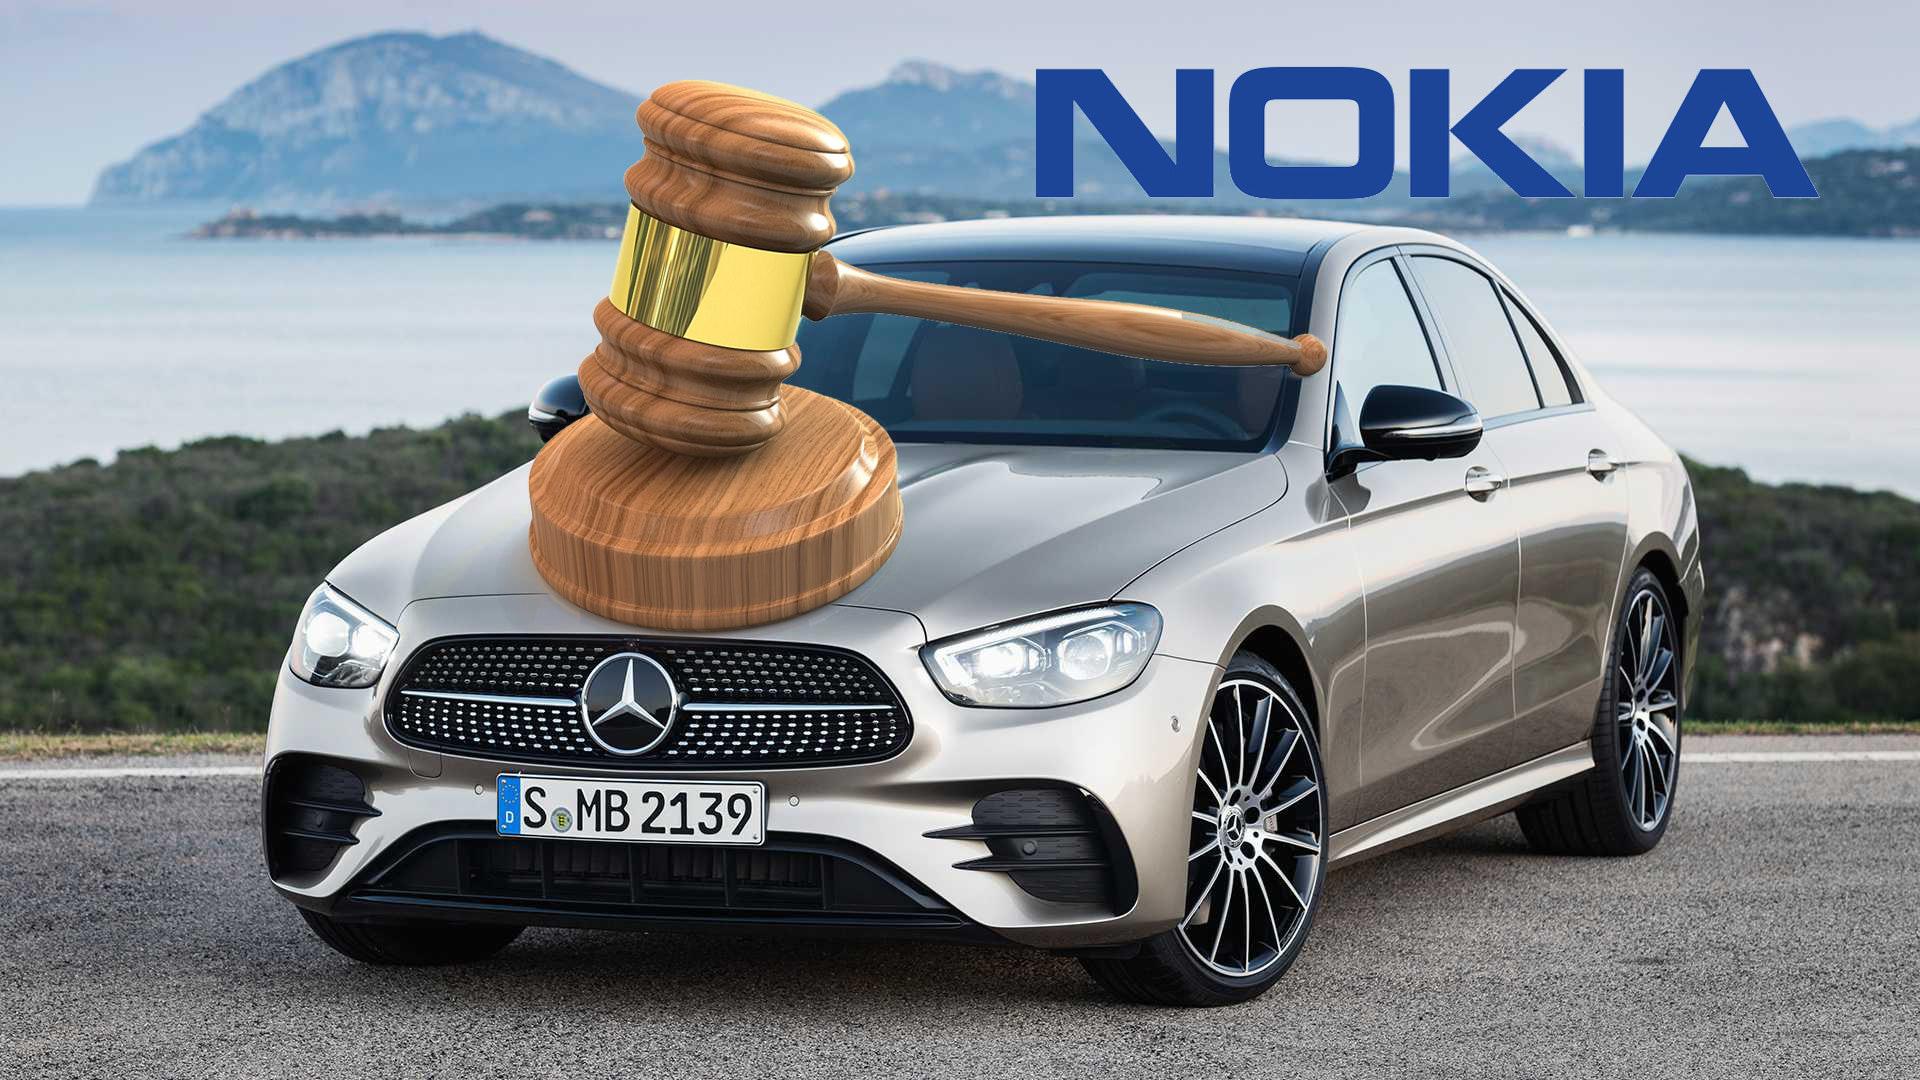 Các công ty Qualcomm Inc và Sharp Corp cùng Nokia đã phối hợp tạo thành nhóm lực lượng Avanci LLC kiểm soát vấn đề bản quyền bằng sáng chế. Ảnh: @nokiamob.